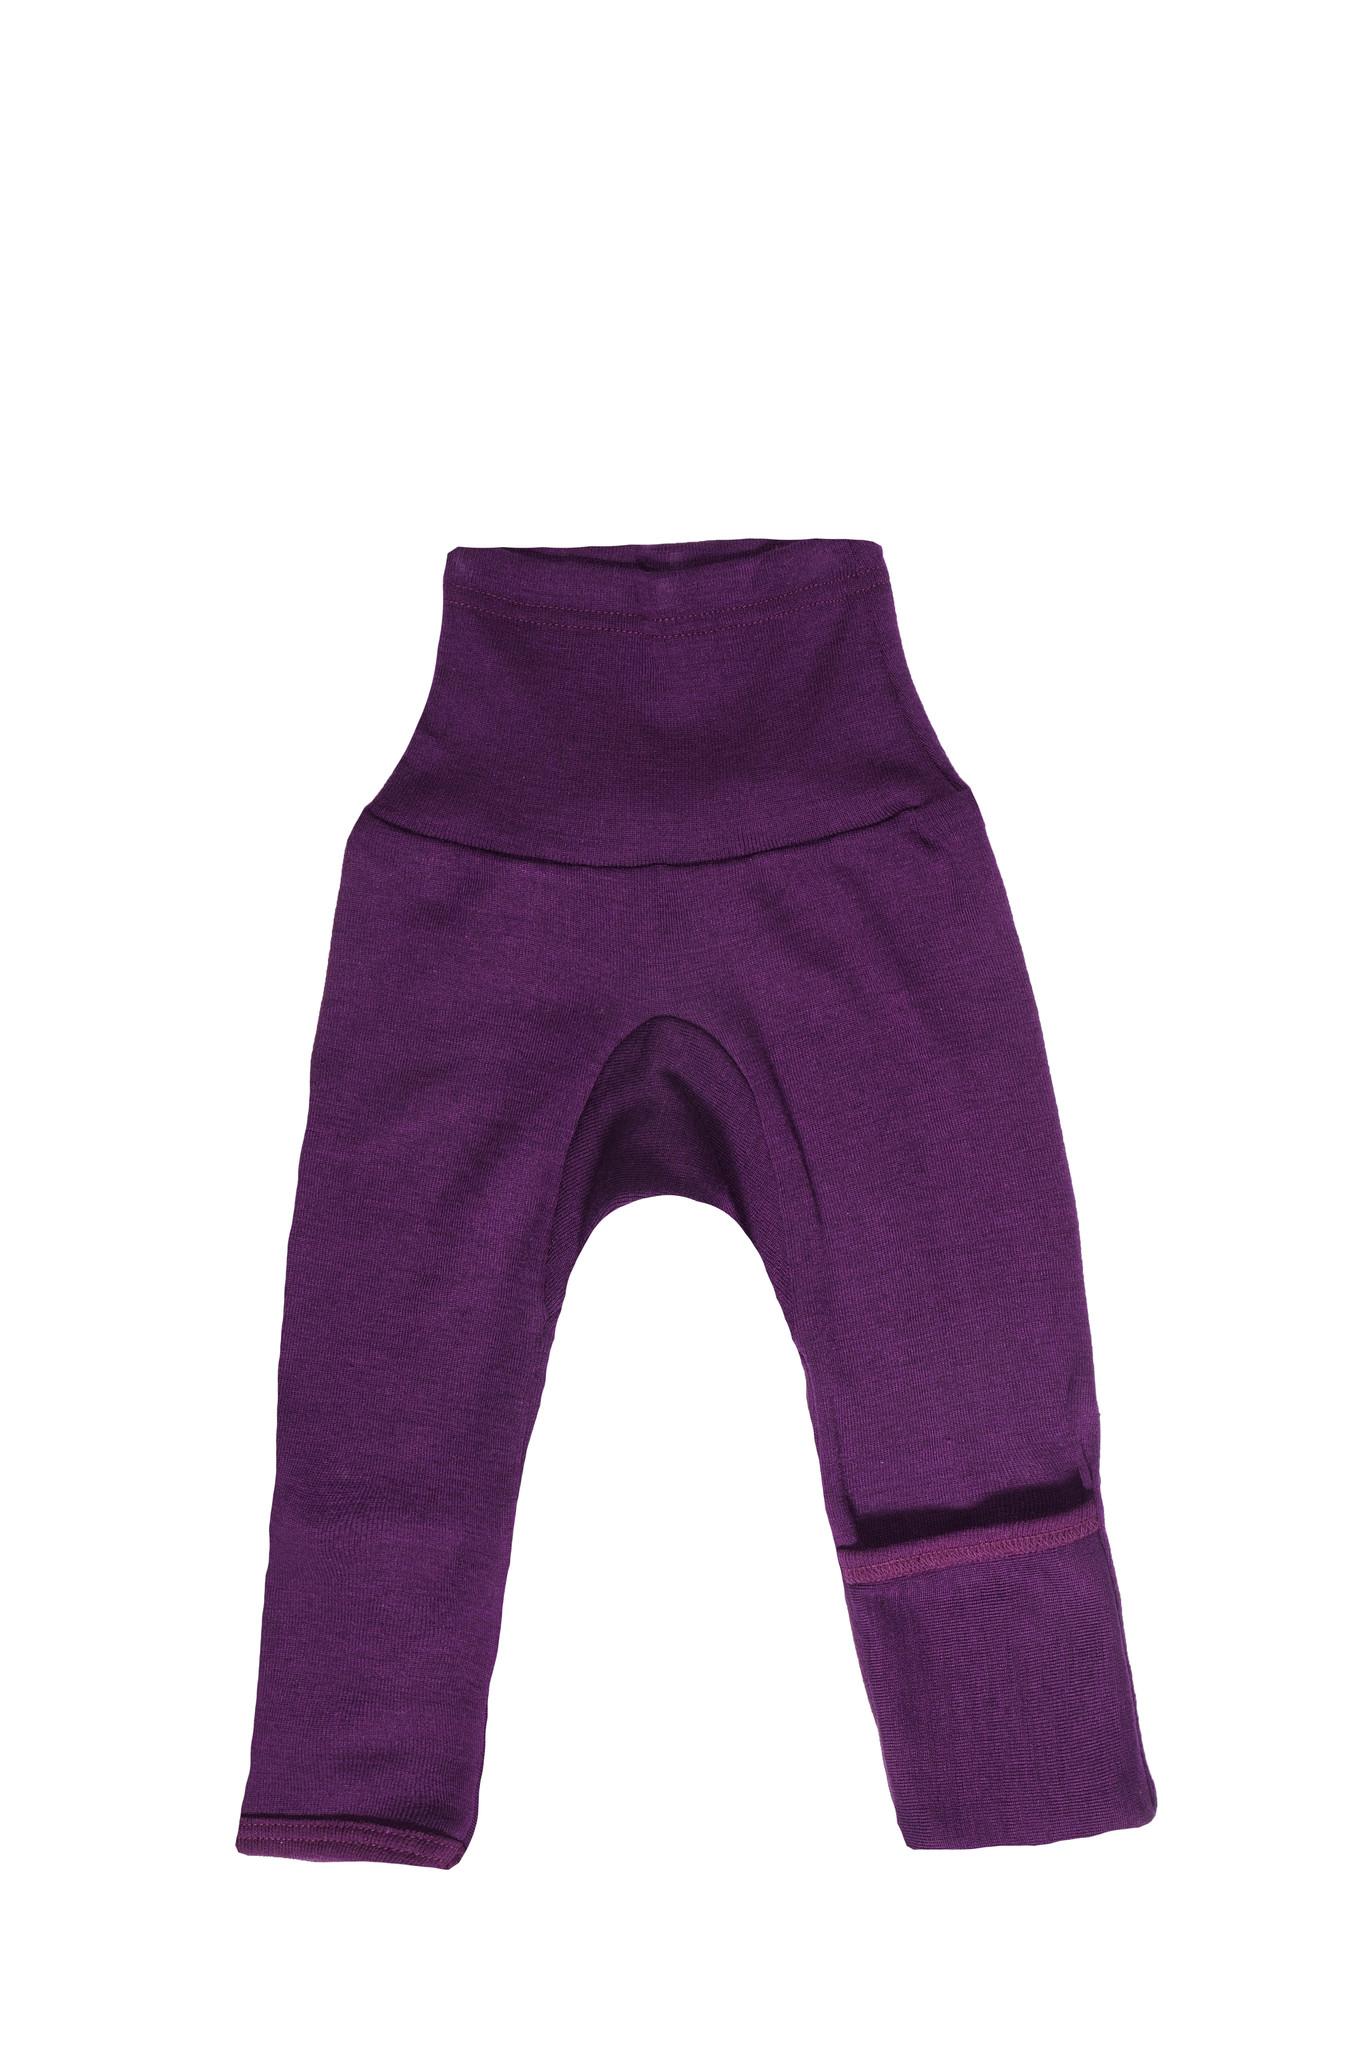 Cosilana Cosilana babylegging Wol/Zijde,  met omslag voor de voetjes - Pruim (23)